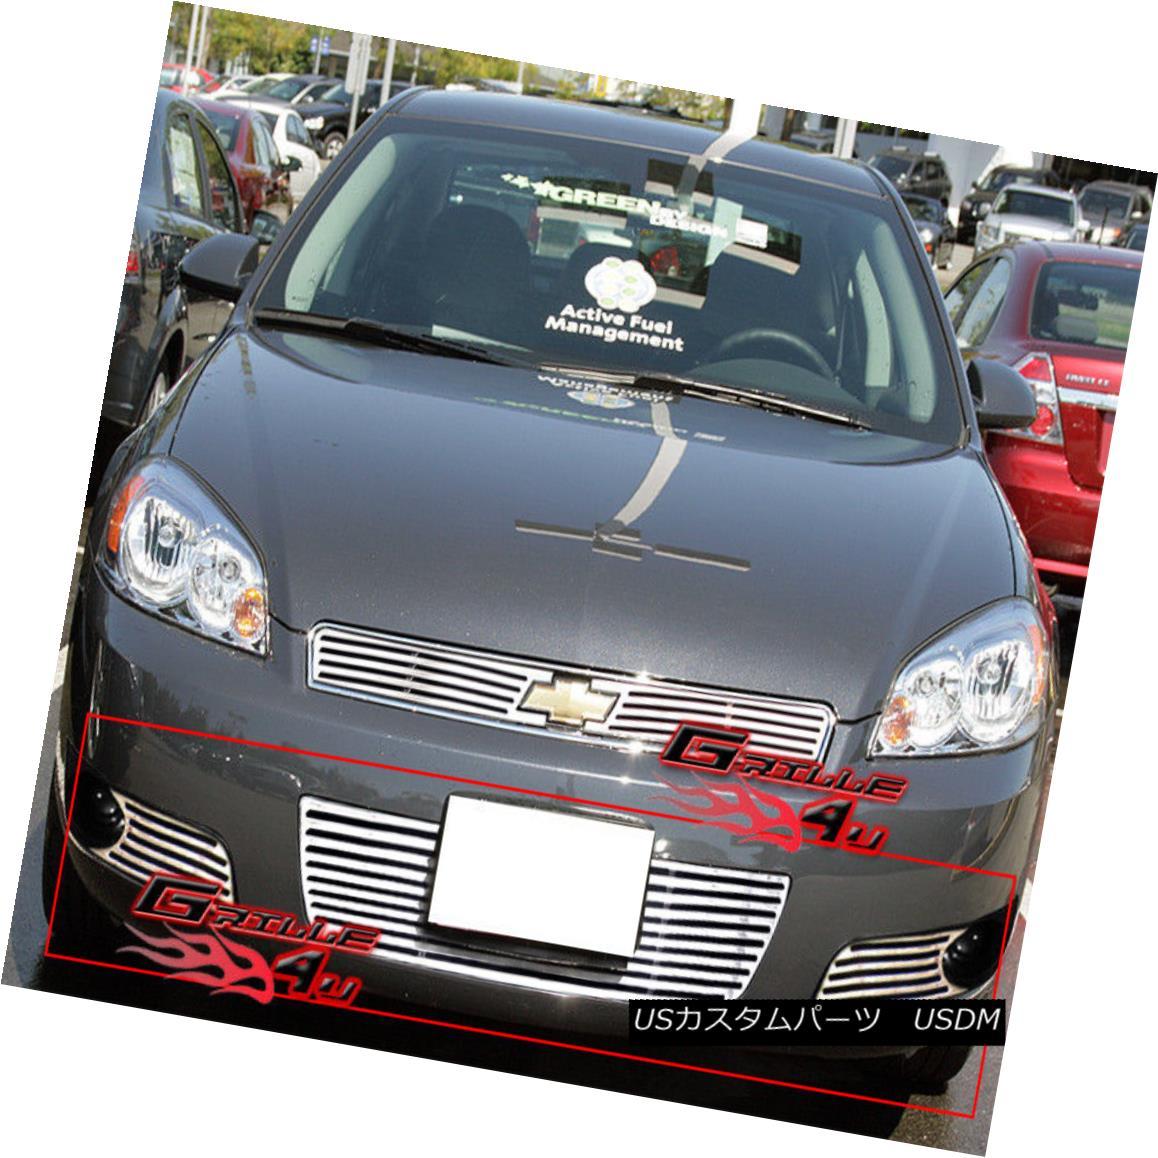 グリル For 06-09 Chevy Impala SS/LT Bumper Perimeter Grille Insert 06-09シボレーインパラSS / LTバンパーペリメーターグリルインサート